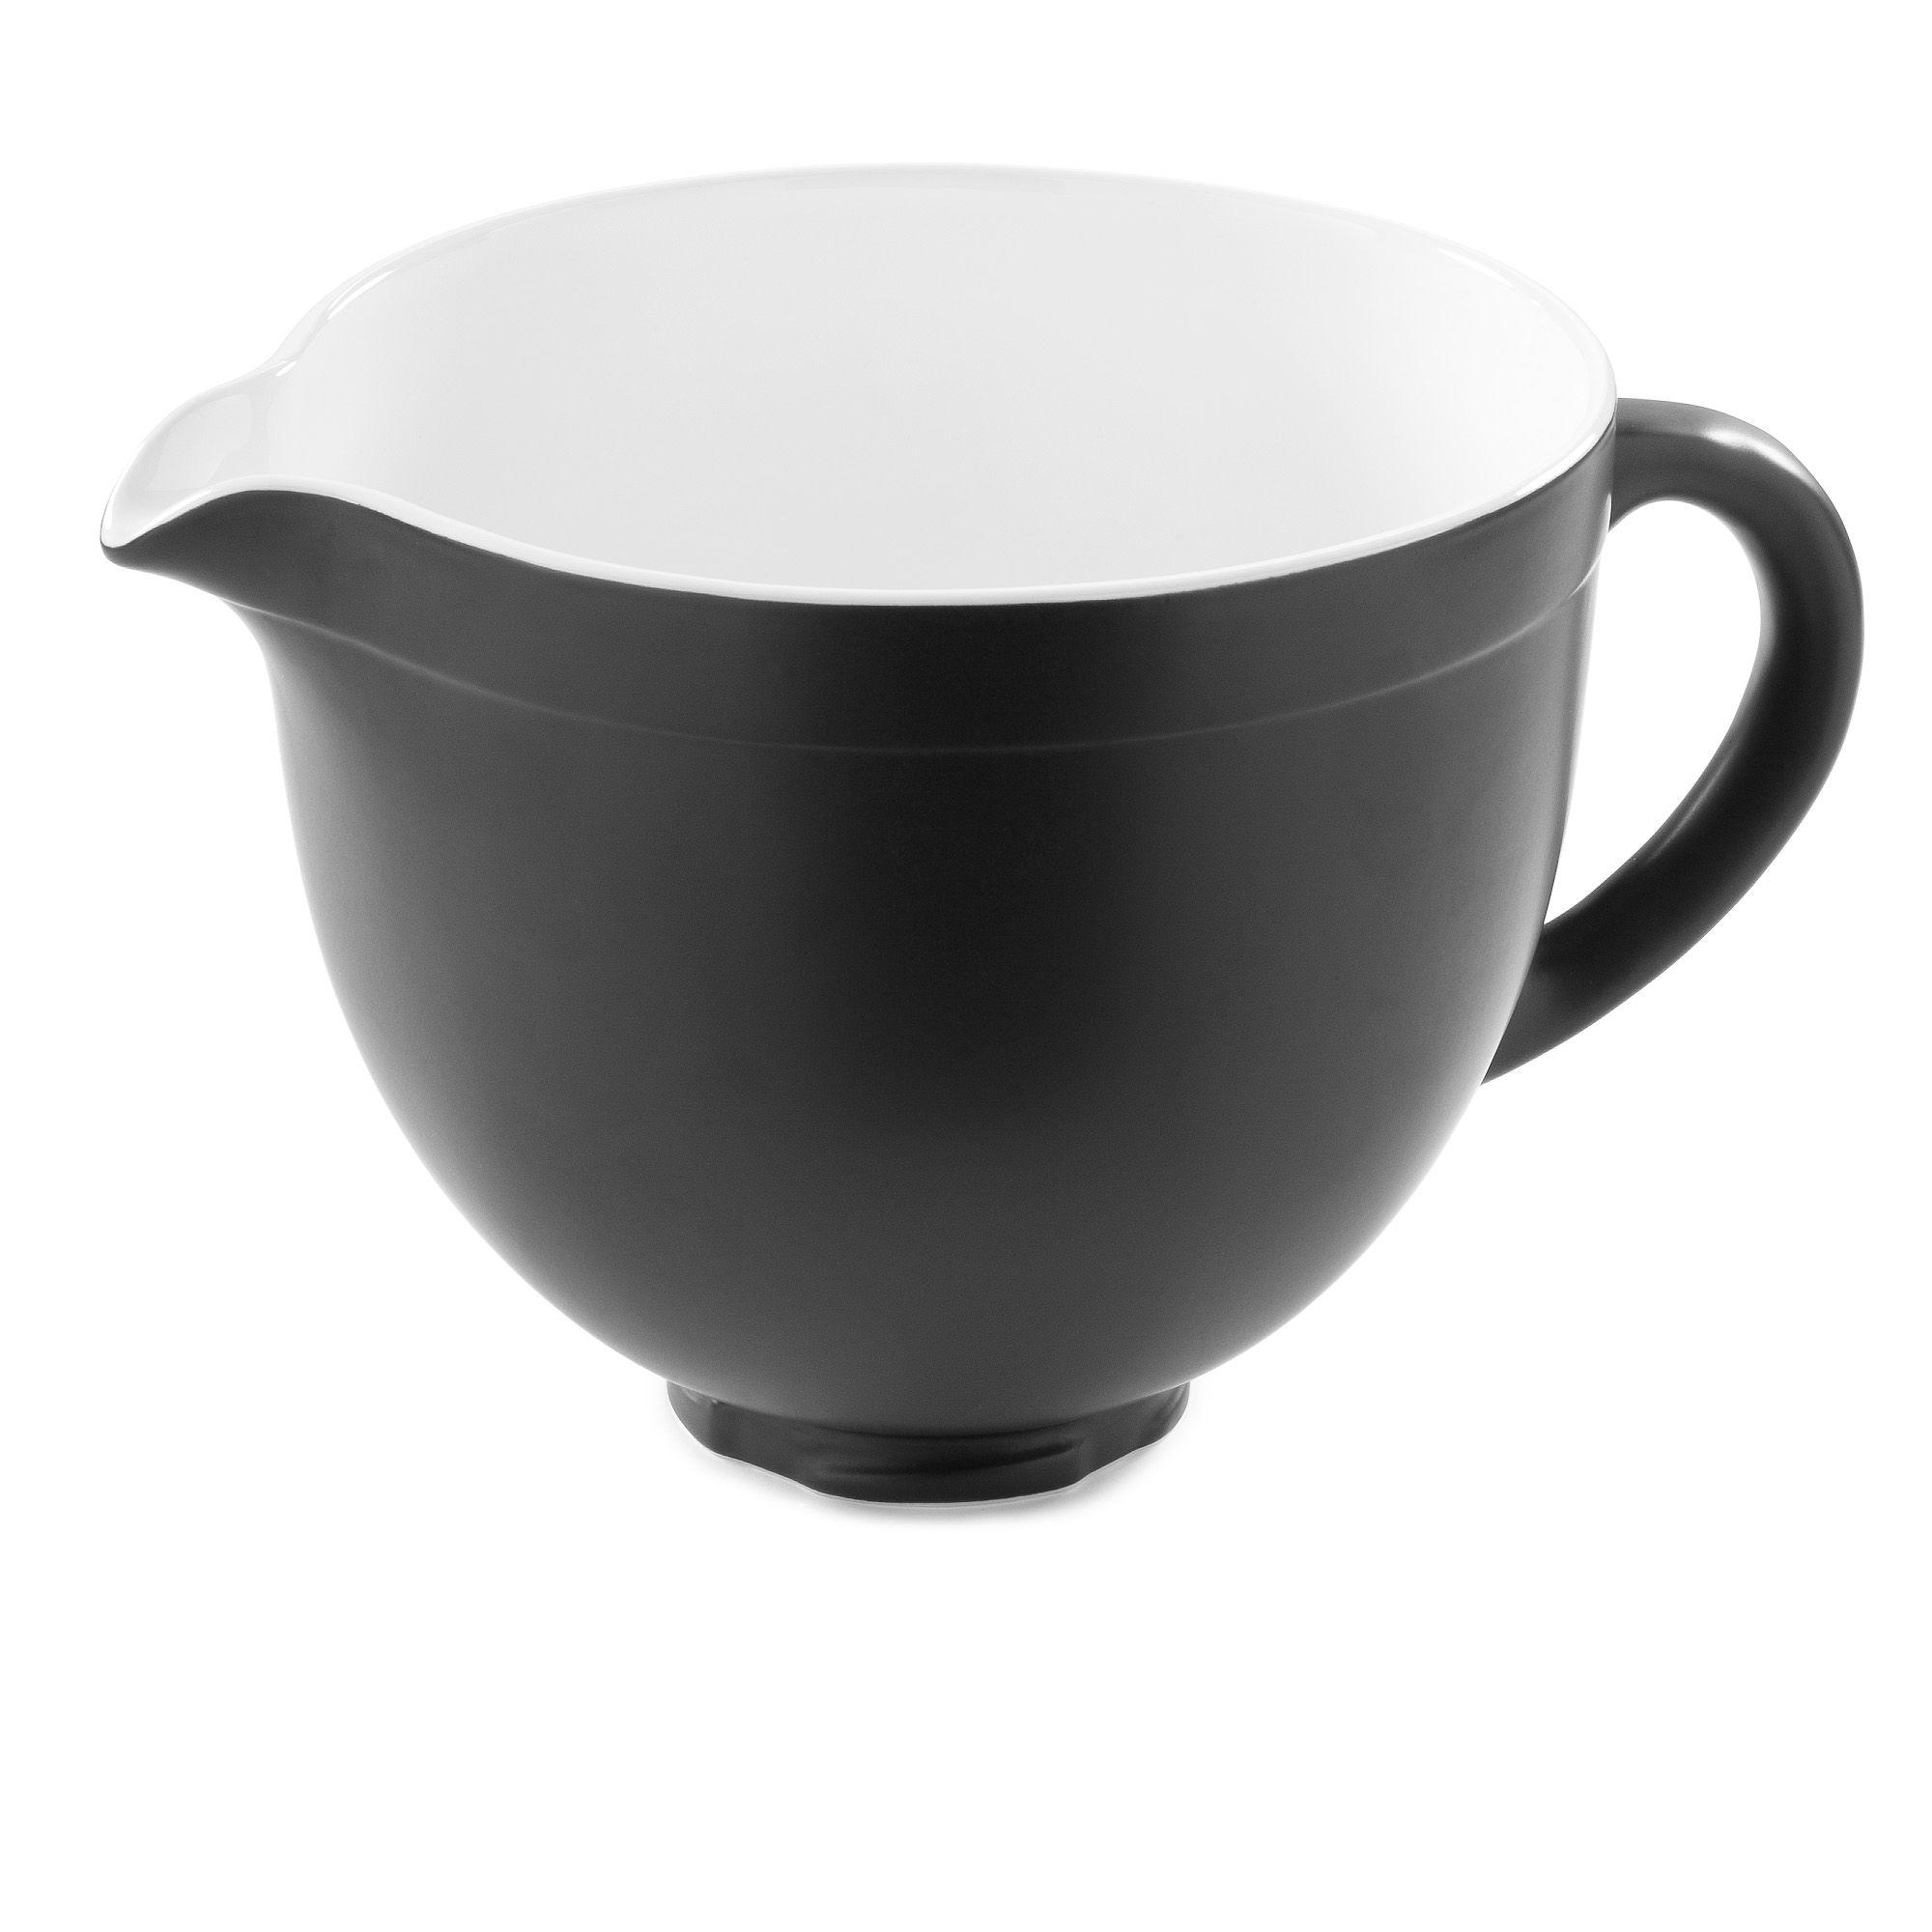 Image of 5KSMCB5GB Ciotola in ceramica da 4.8 litri